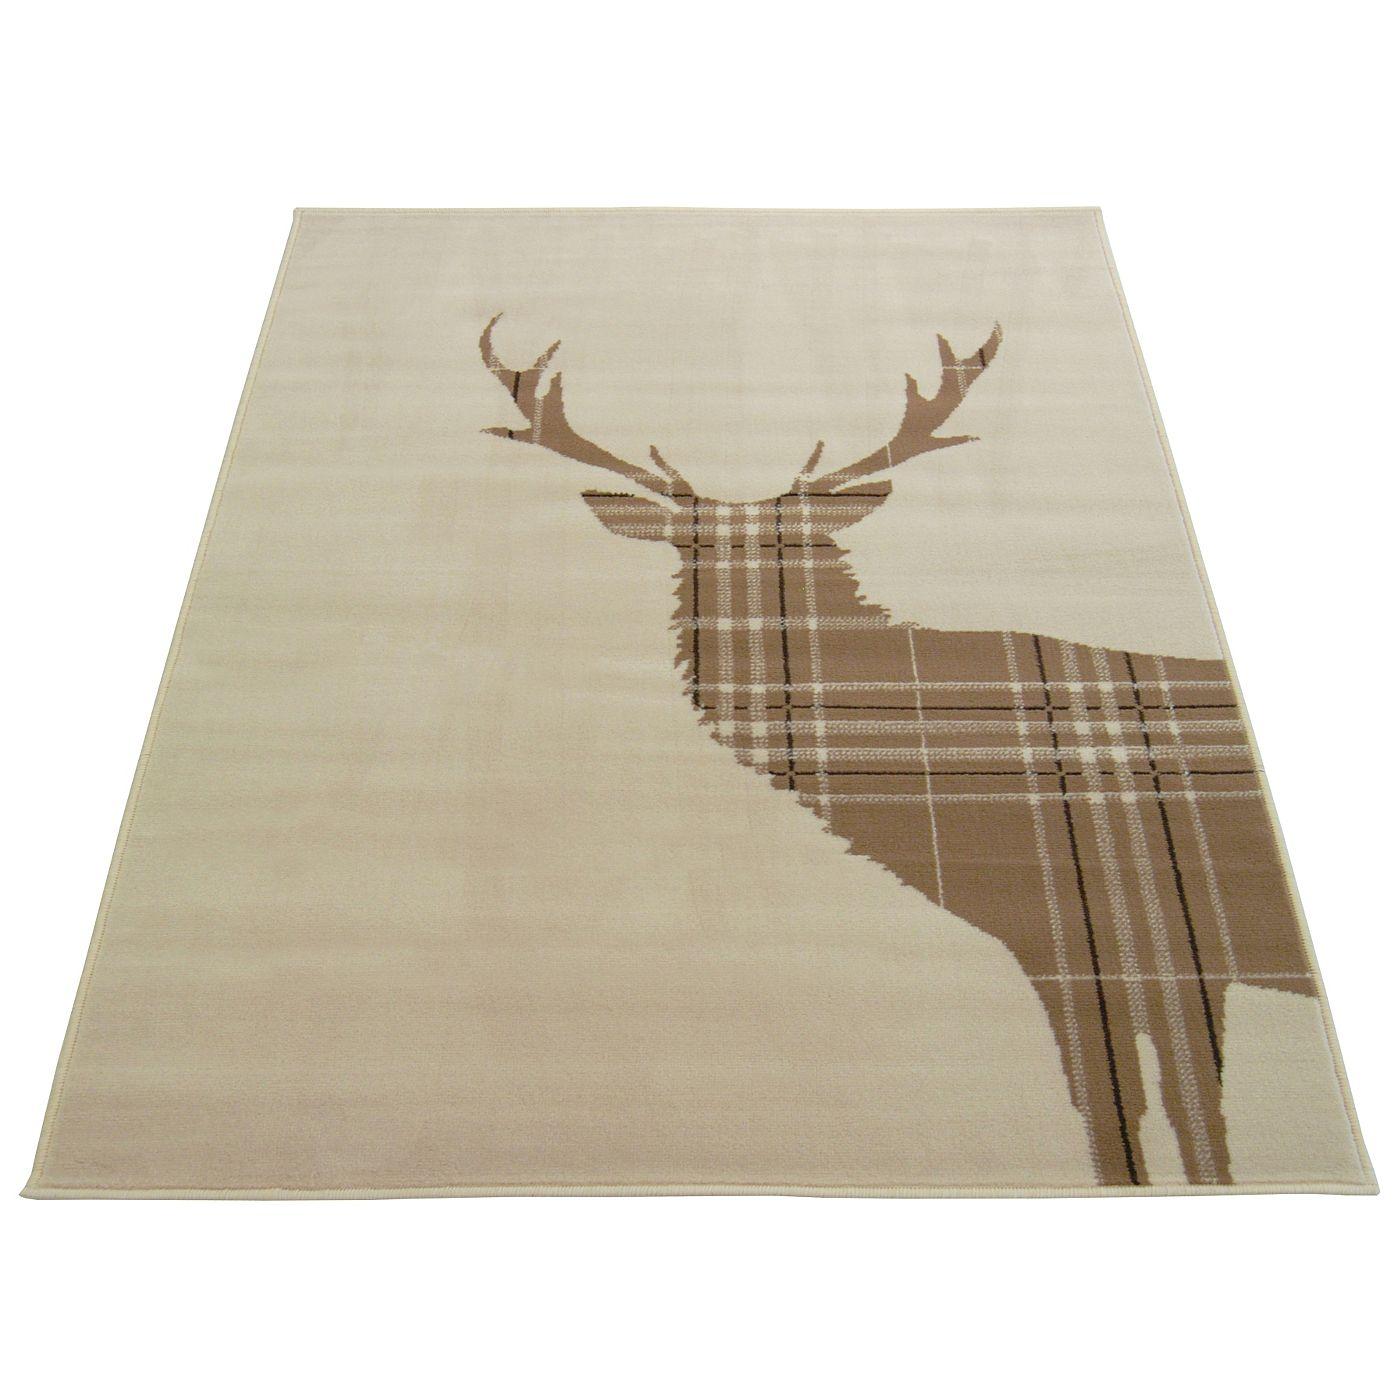 Homemaker Natural Stag Rug - 160 x 230cm | Rug weaves, Decorating ...